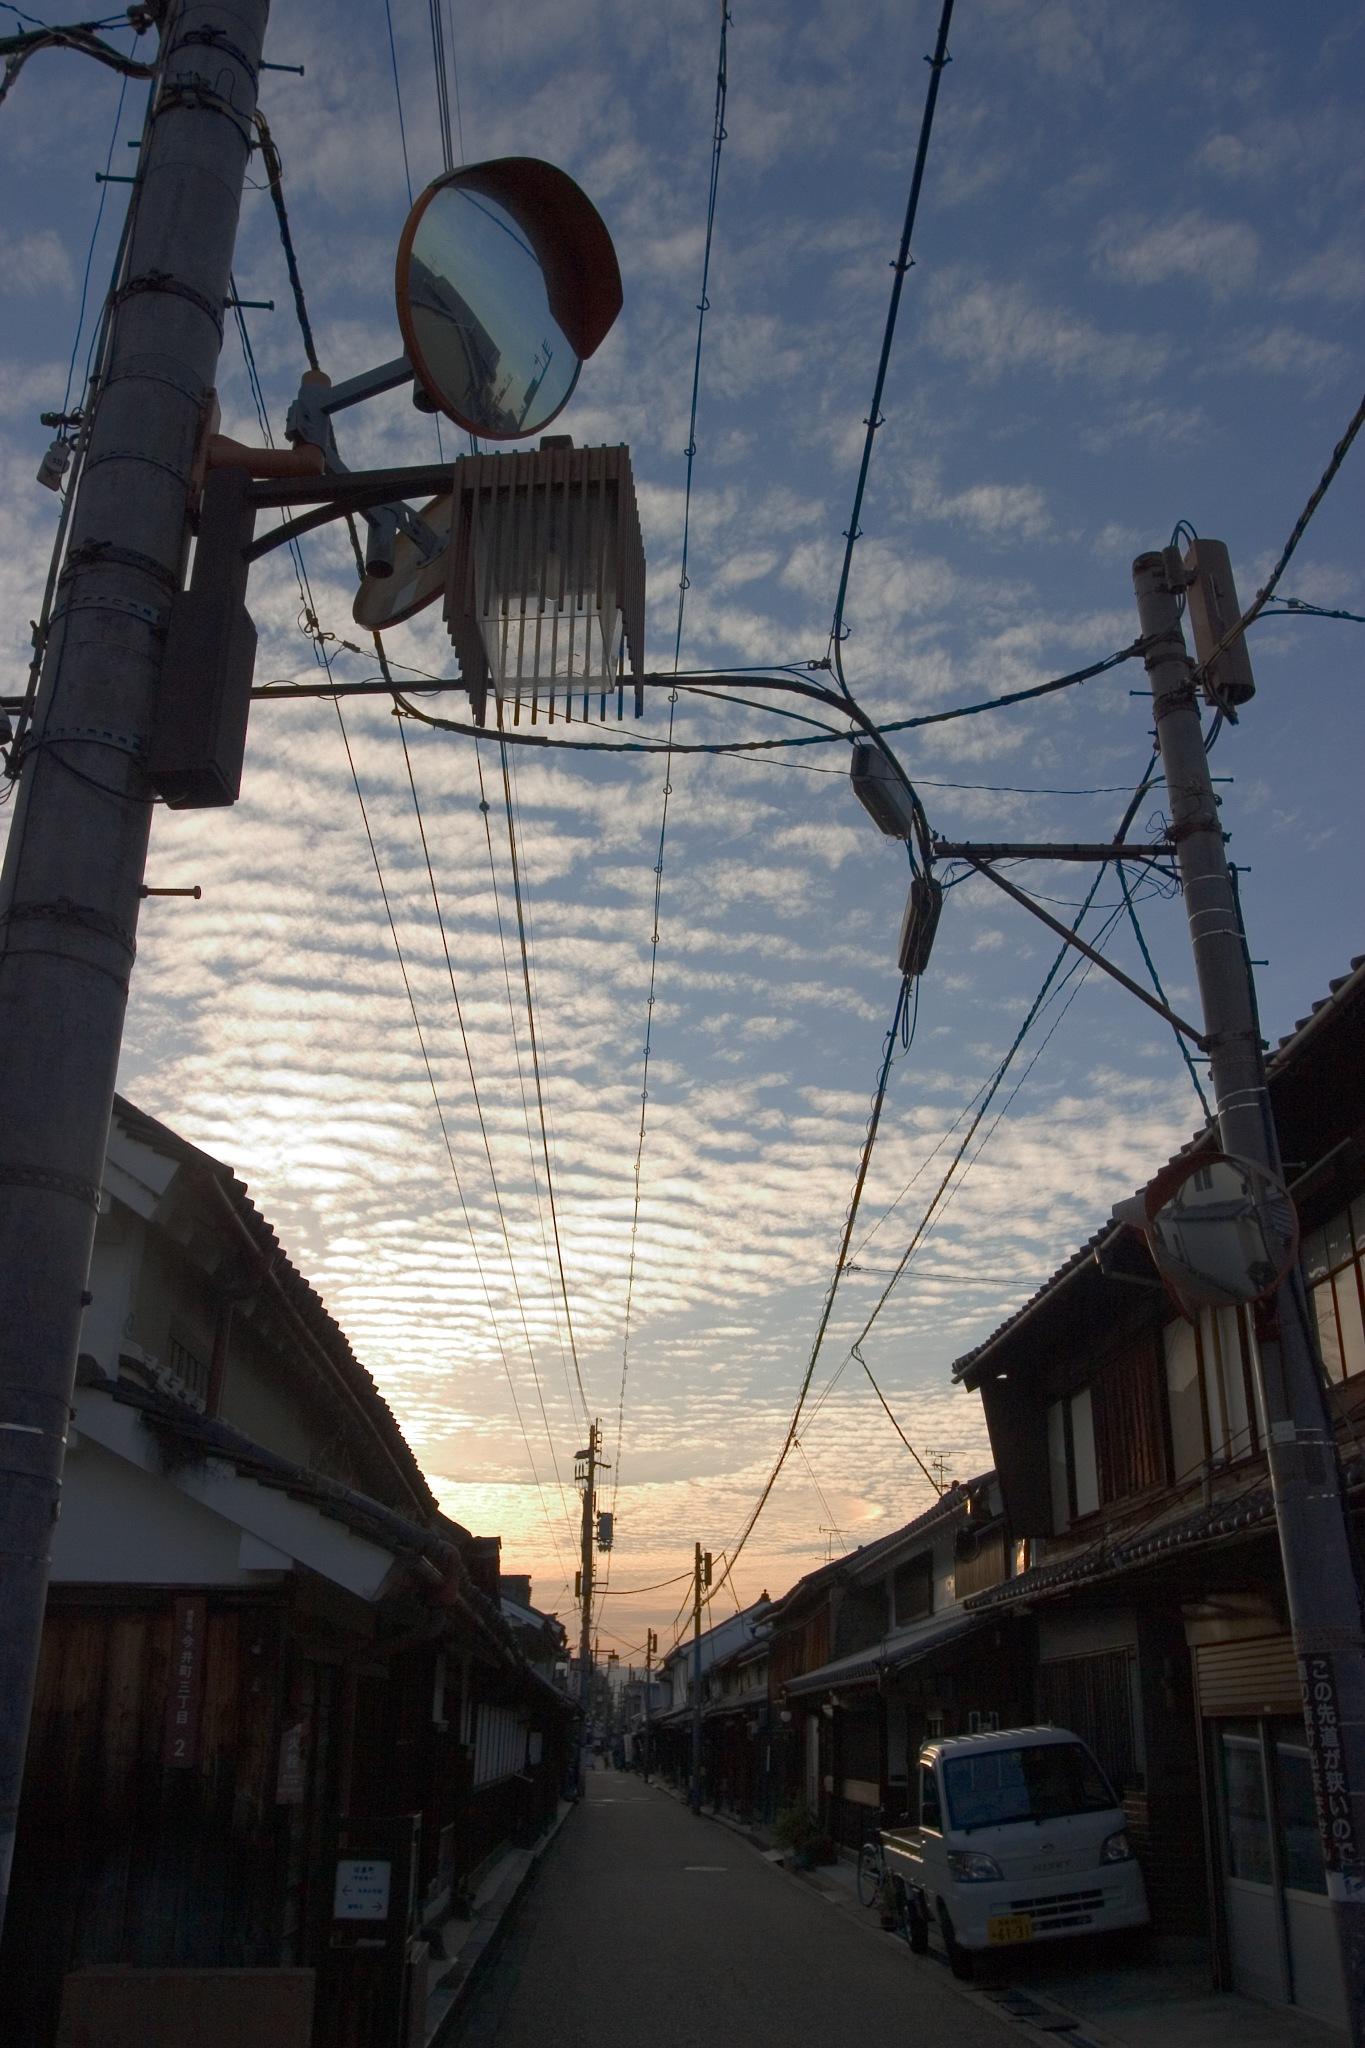 The evening sky by kaori_atusi